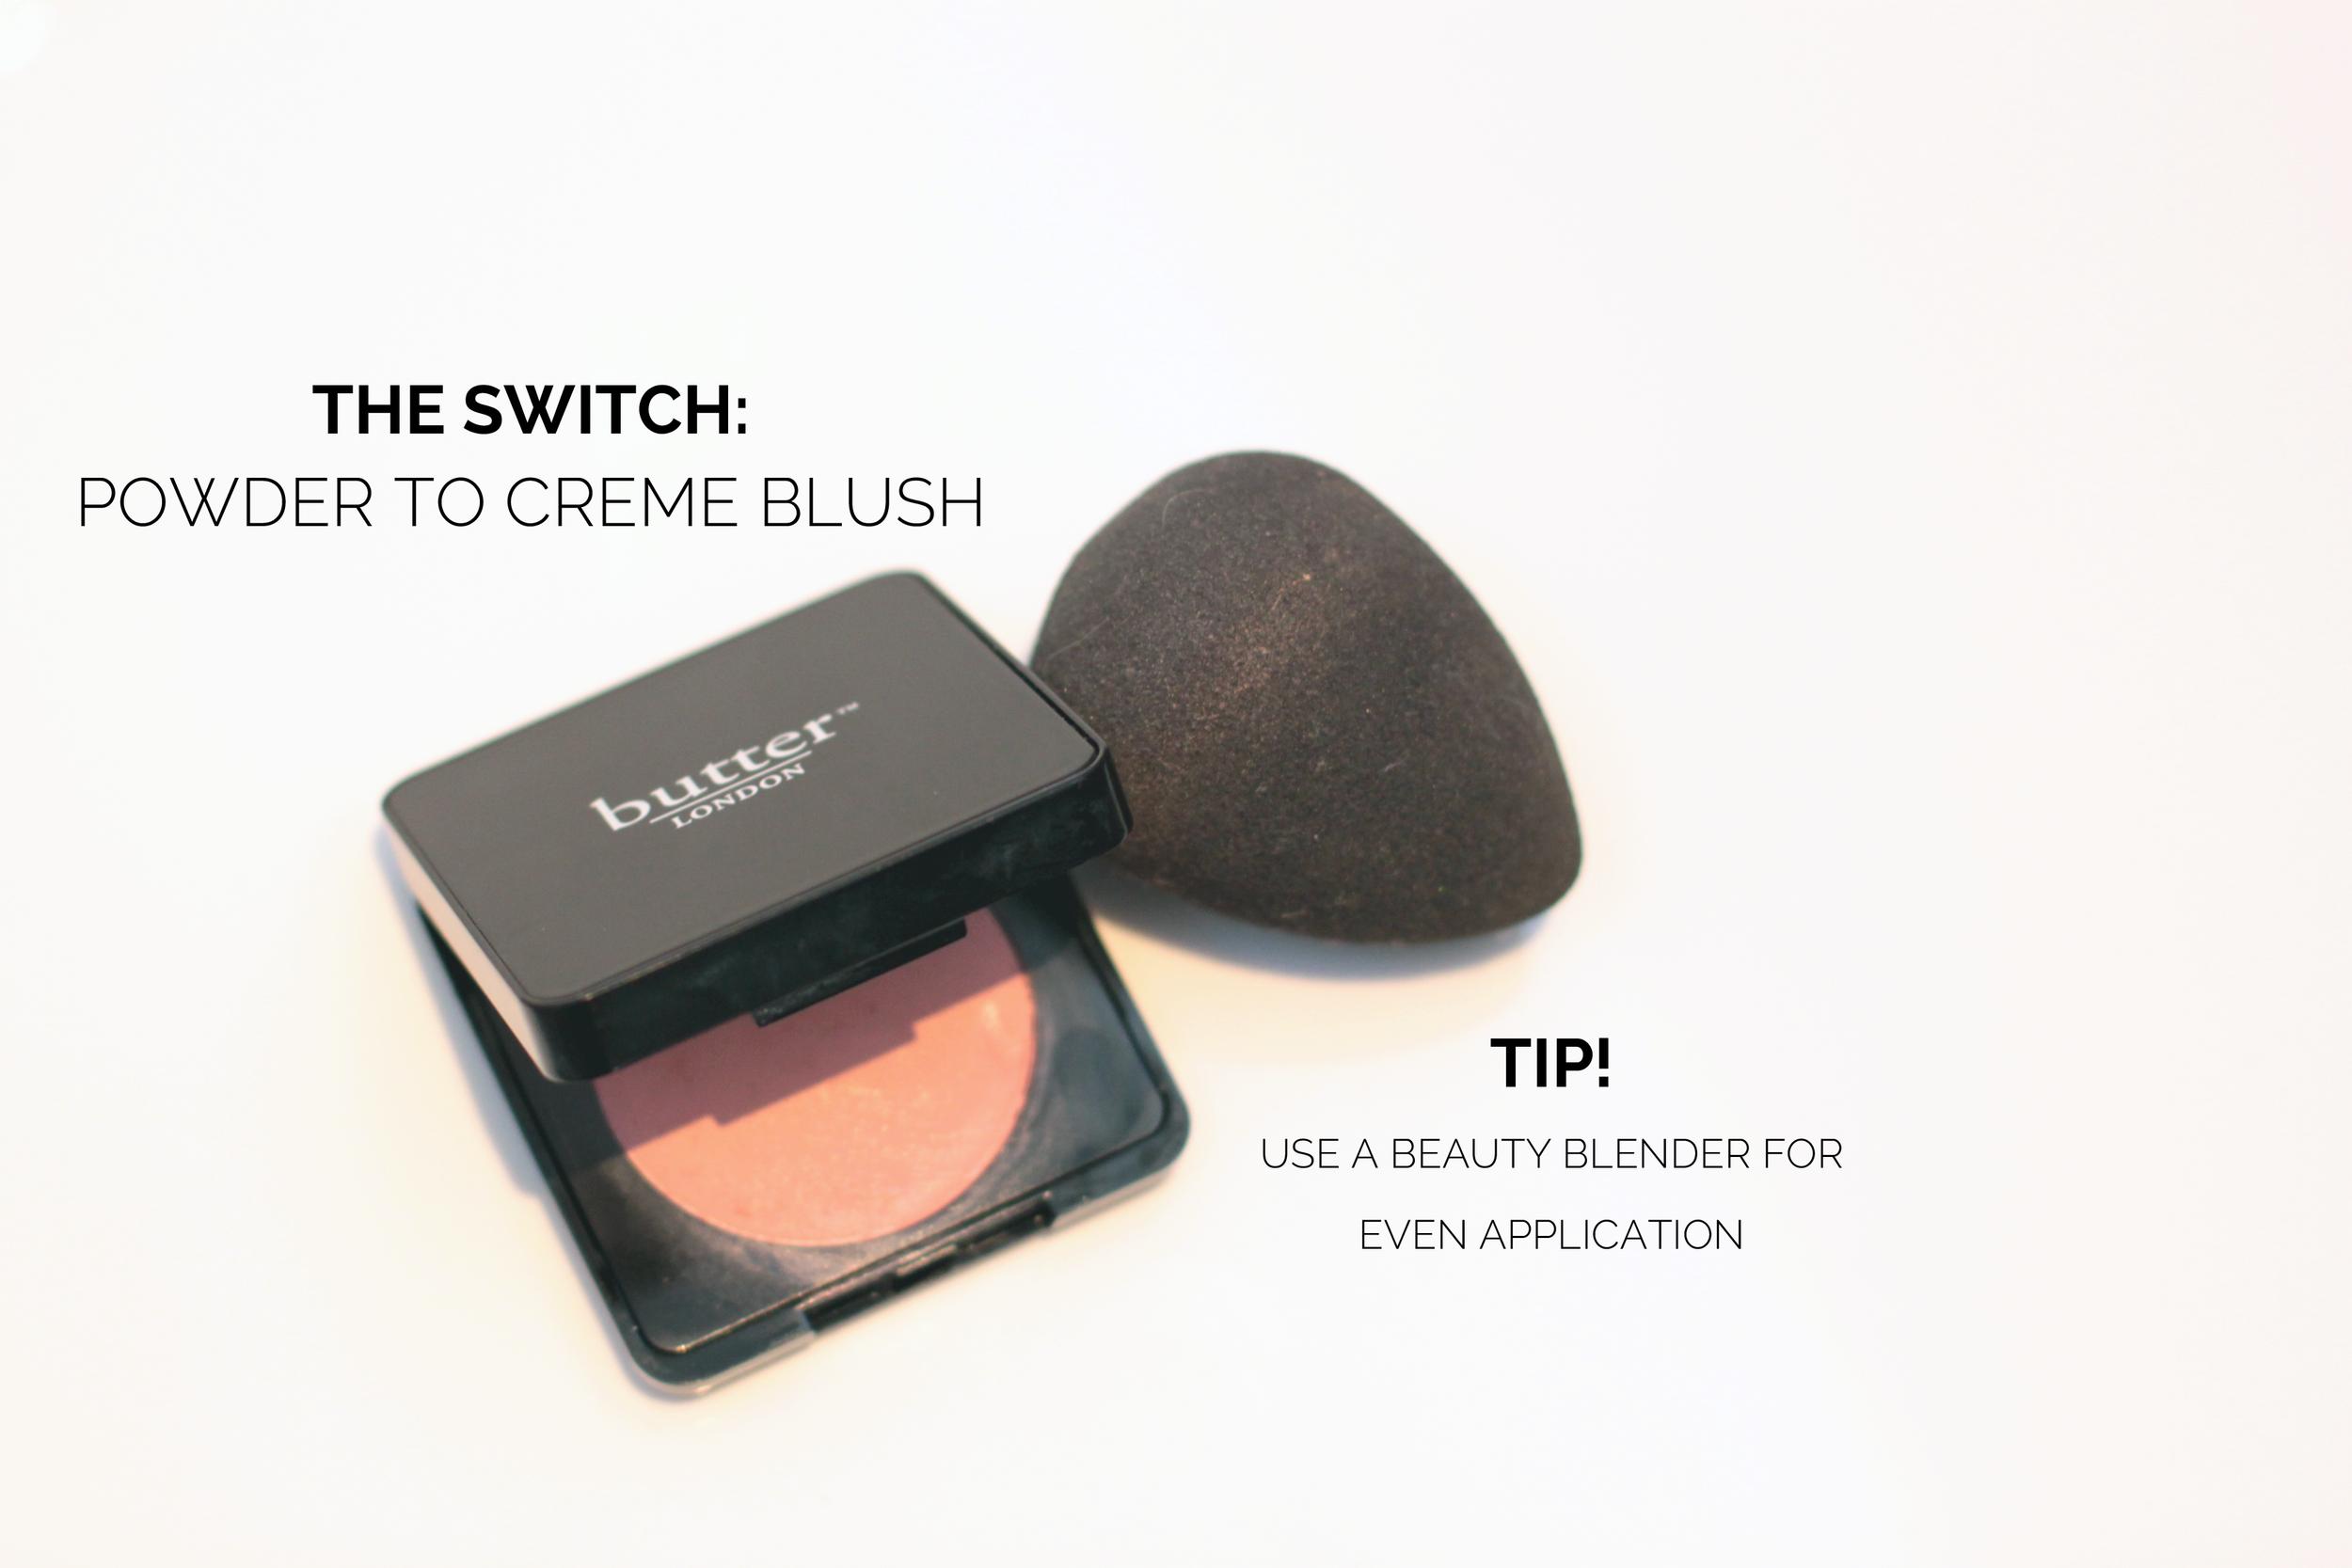 Powder to Creme blush